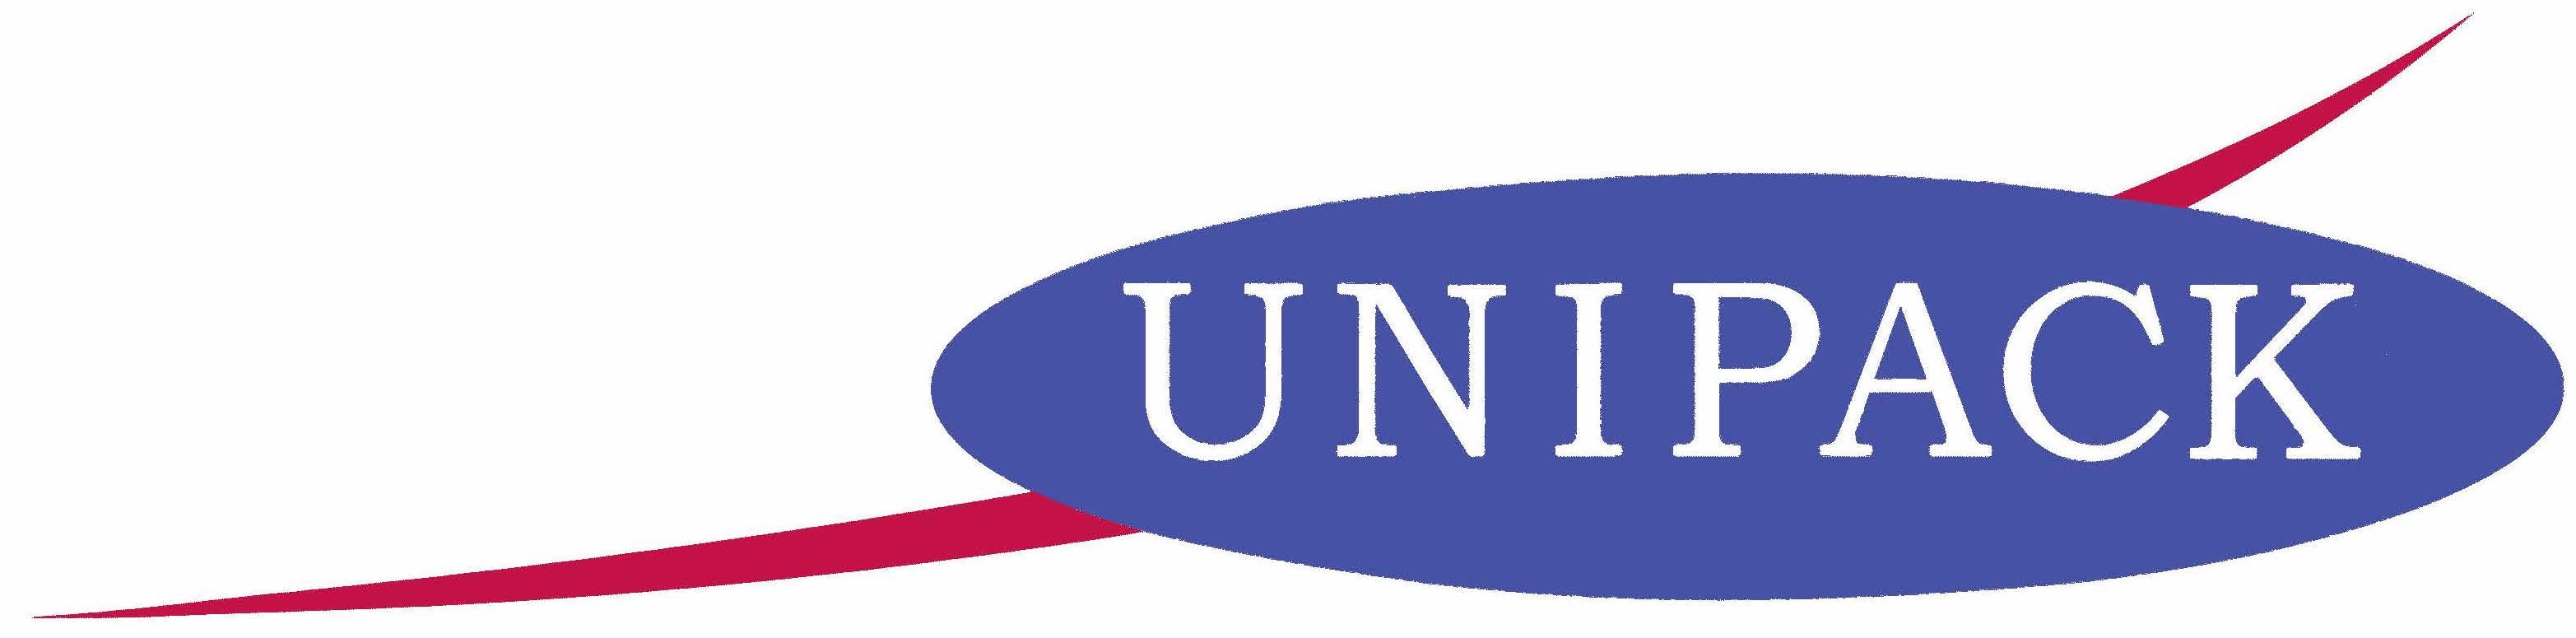 Unipack GmbH